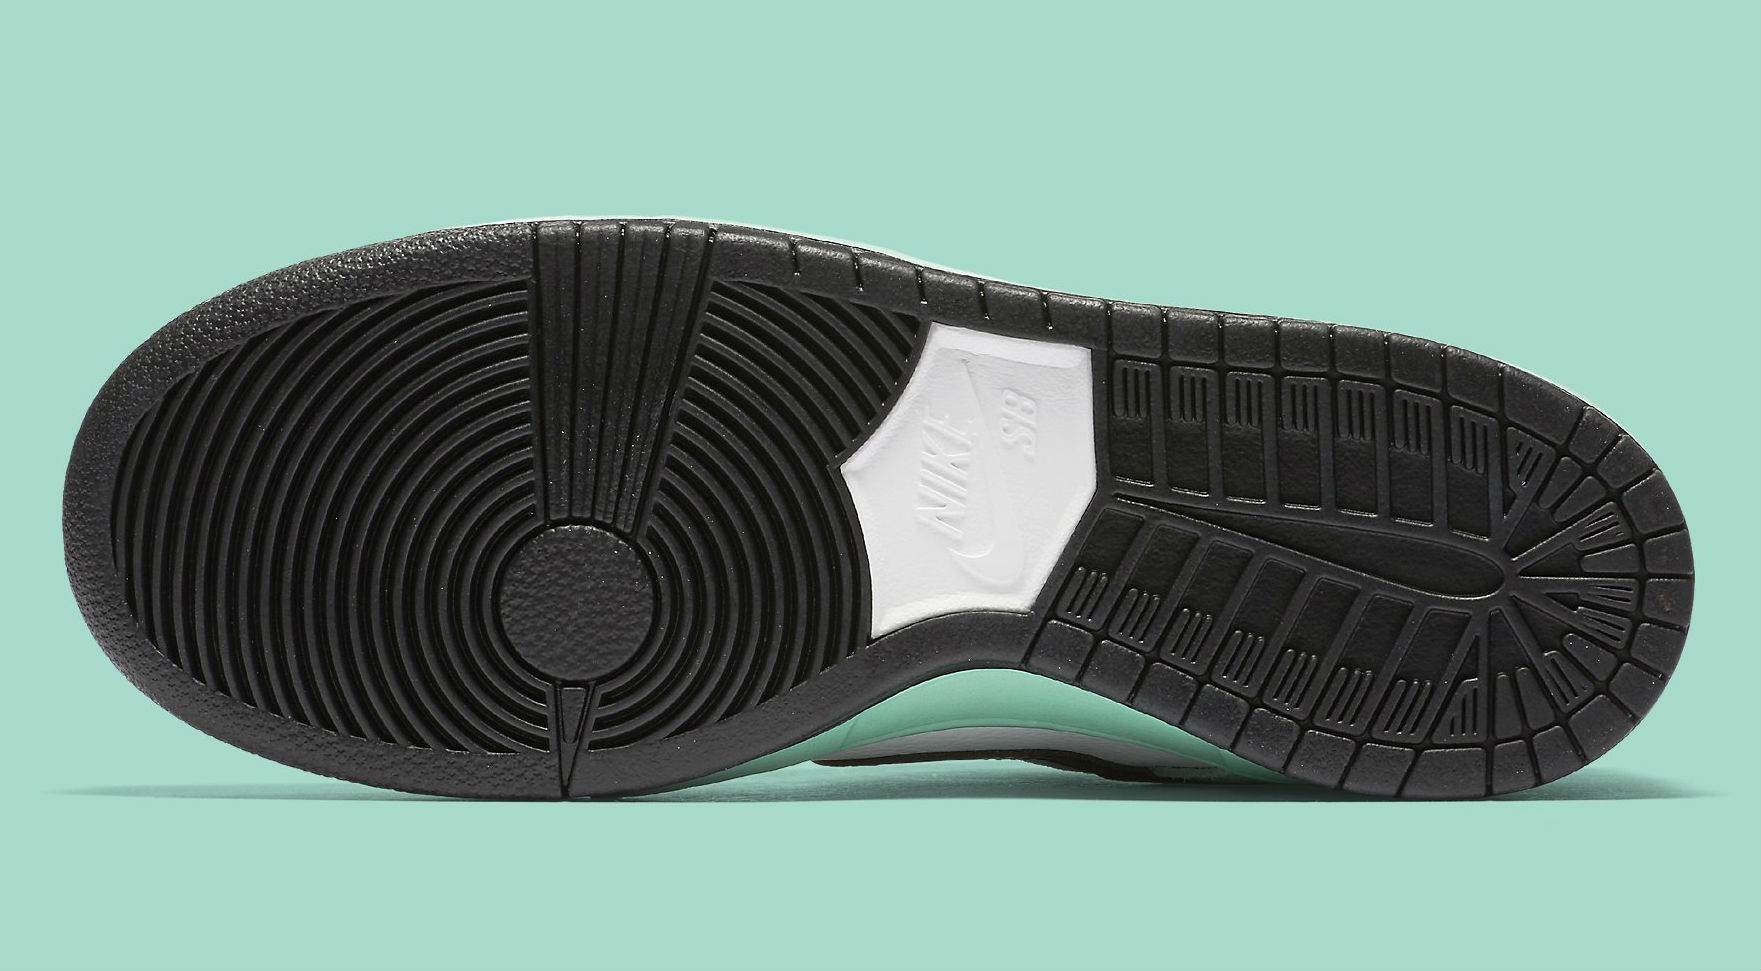 Nike SB Dunk Low Sea Crystal Sole 819674-301 96966a44b651